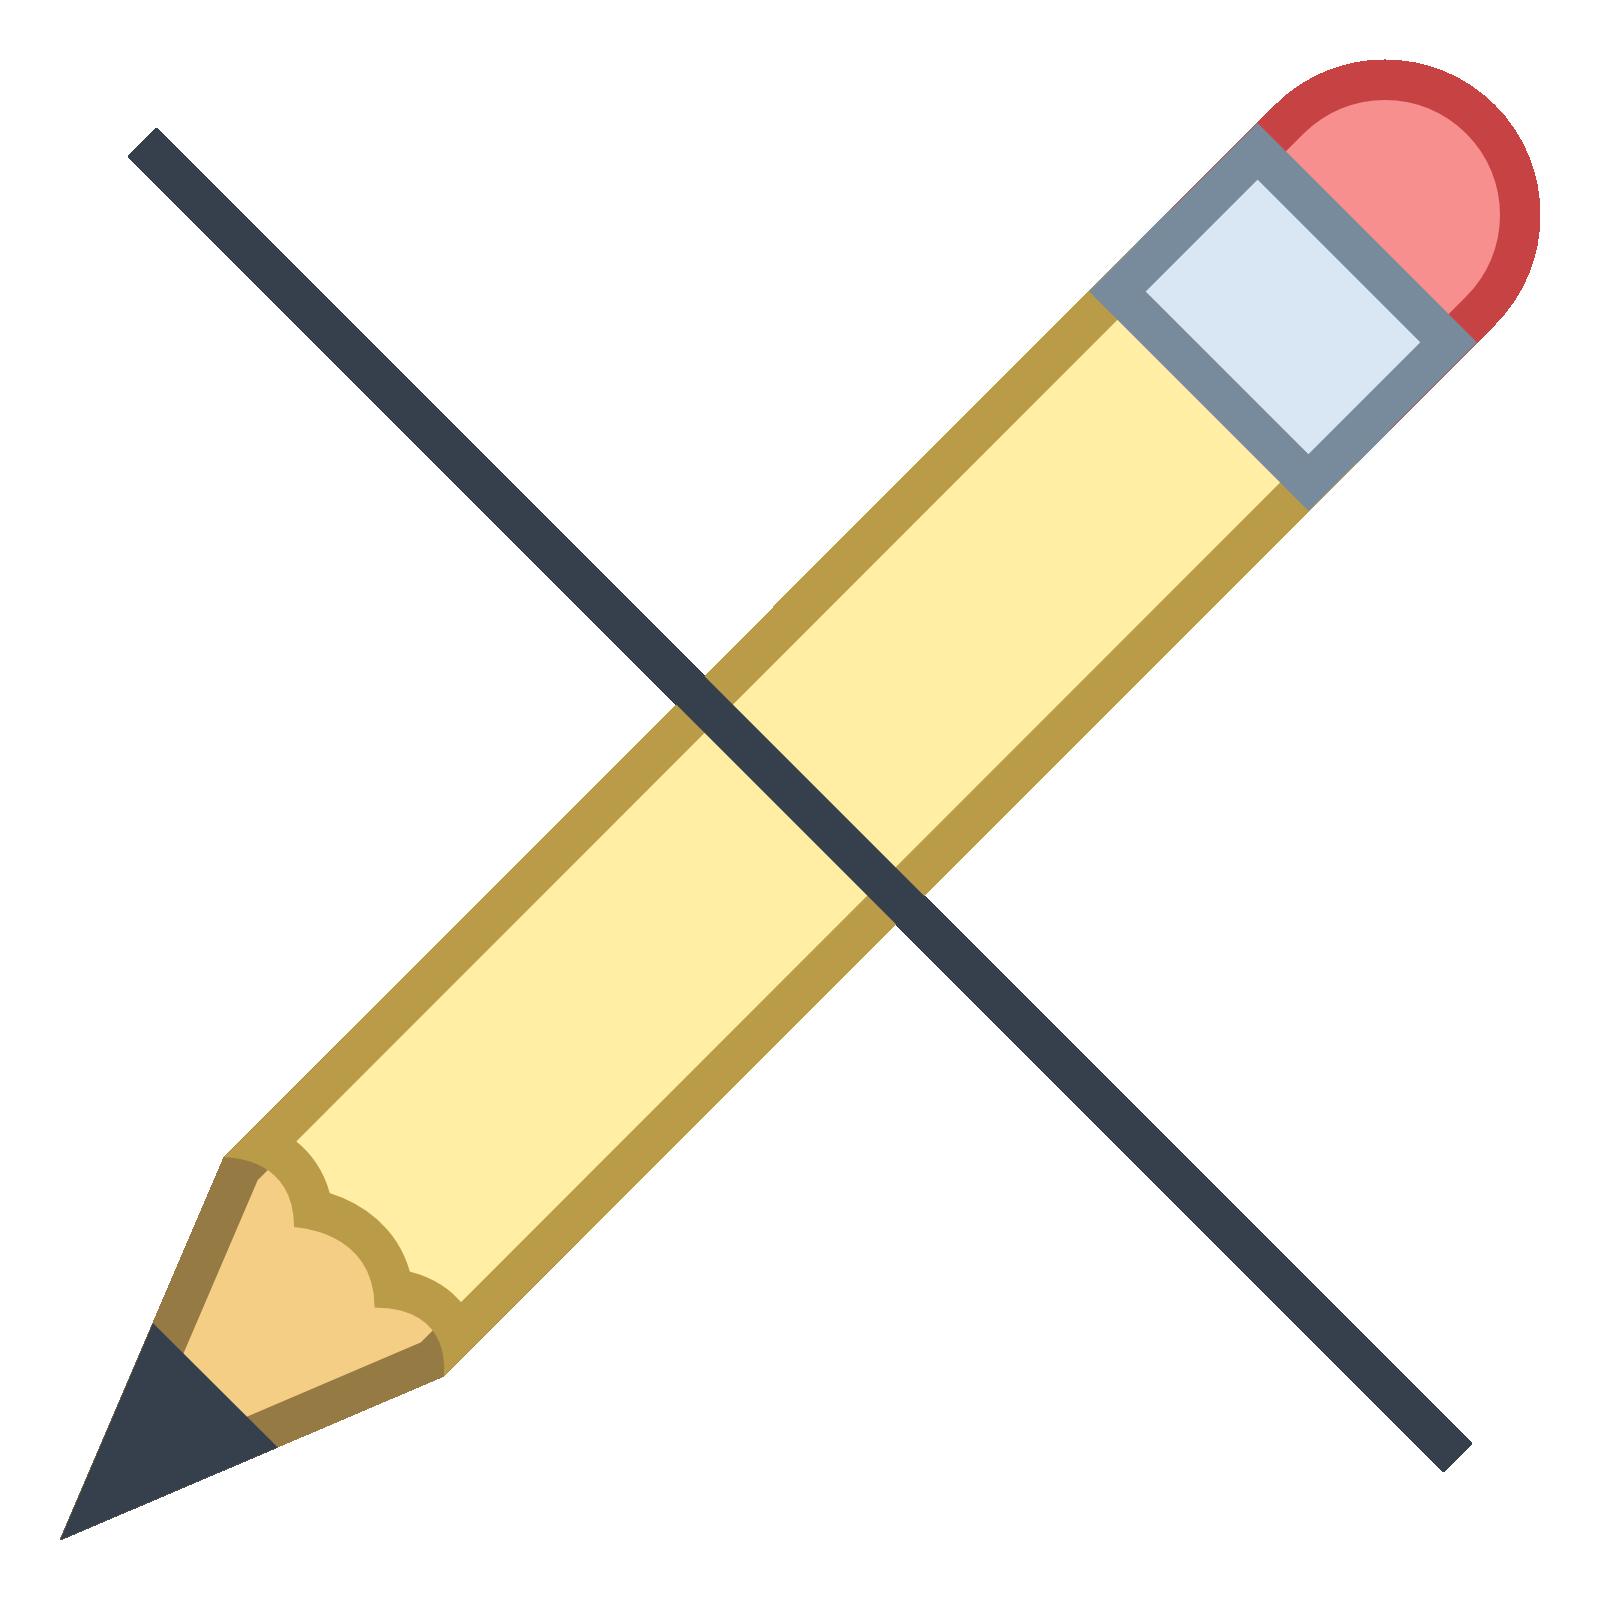 Editingsoftware clipart final draft Download at Icons8 Edit No